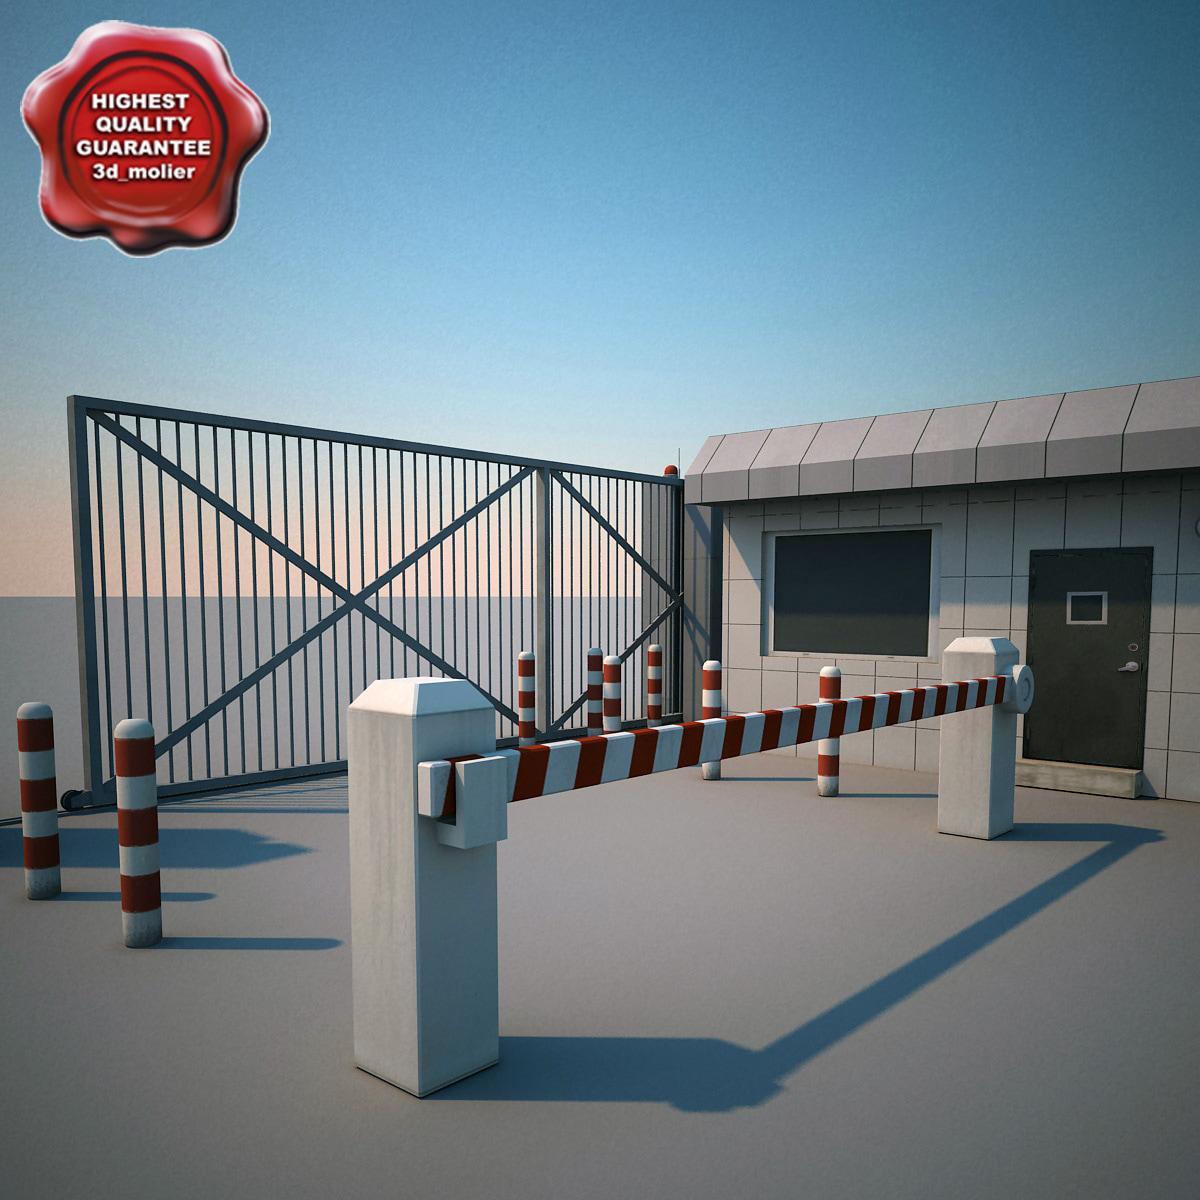 guard building gate obj